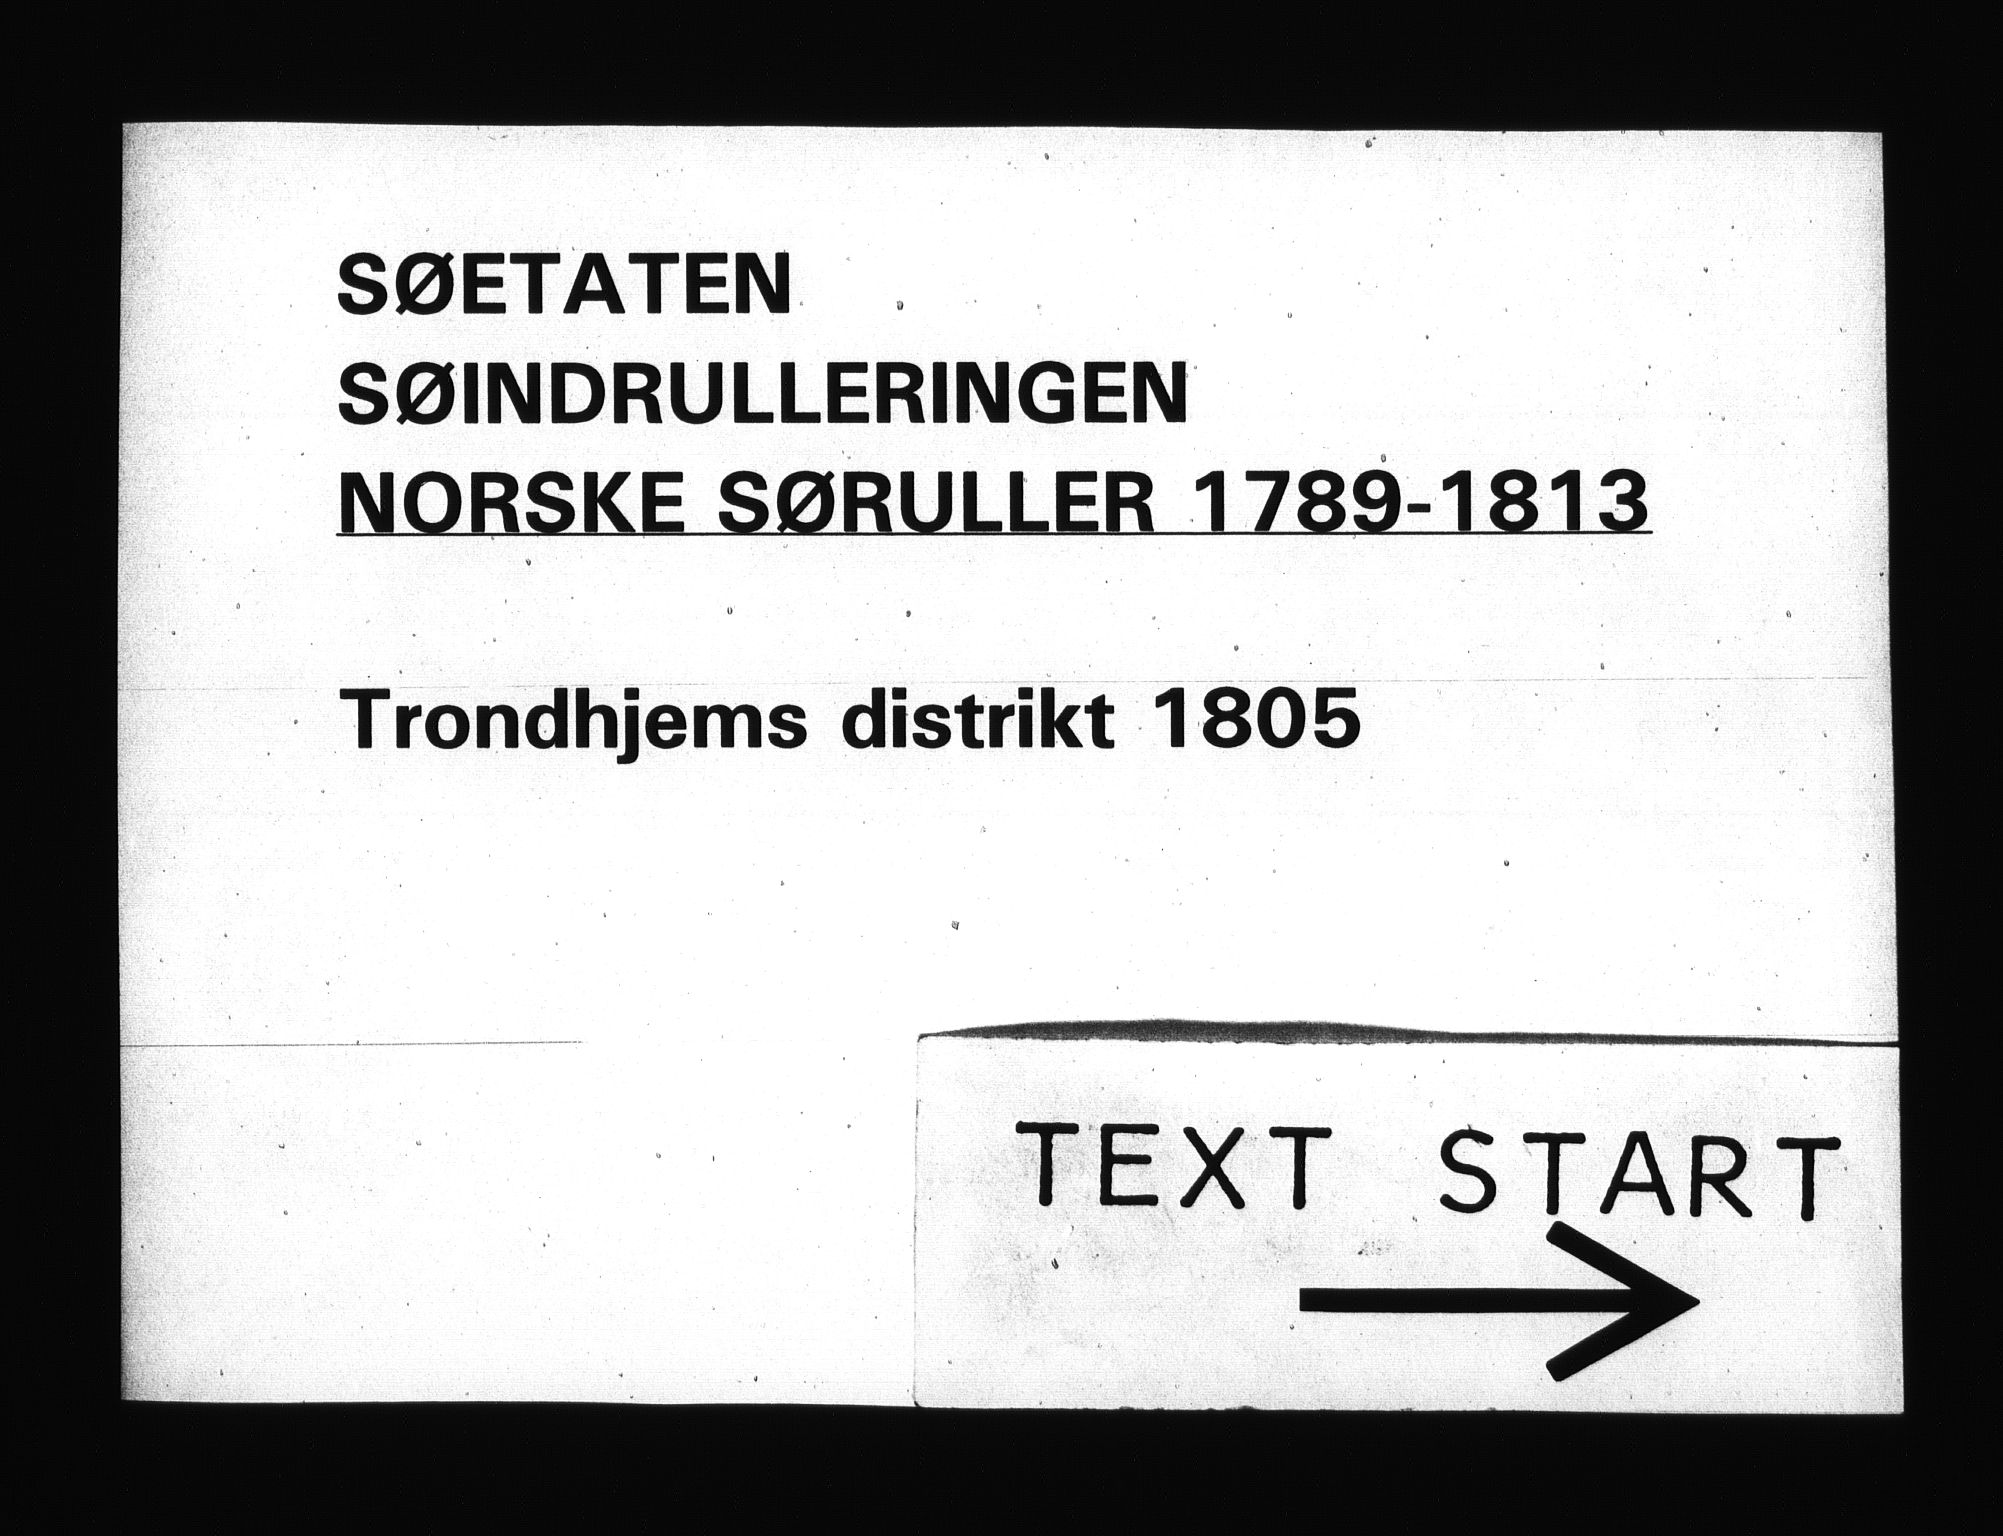 RA, Sjøetaten, F/L0332: Trondheim distrikt, bind 1, 1805